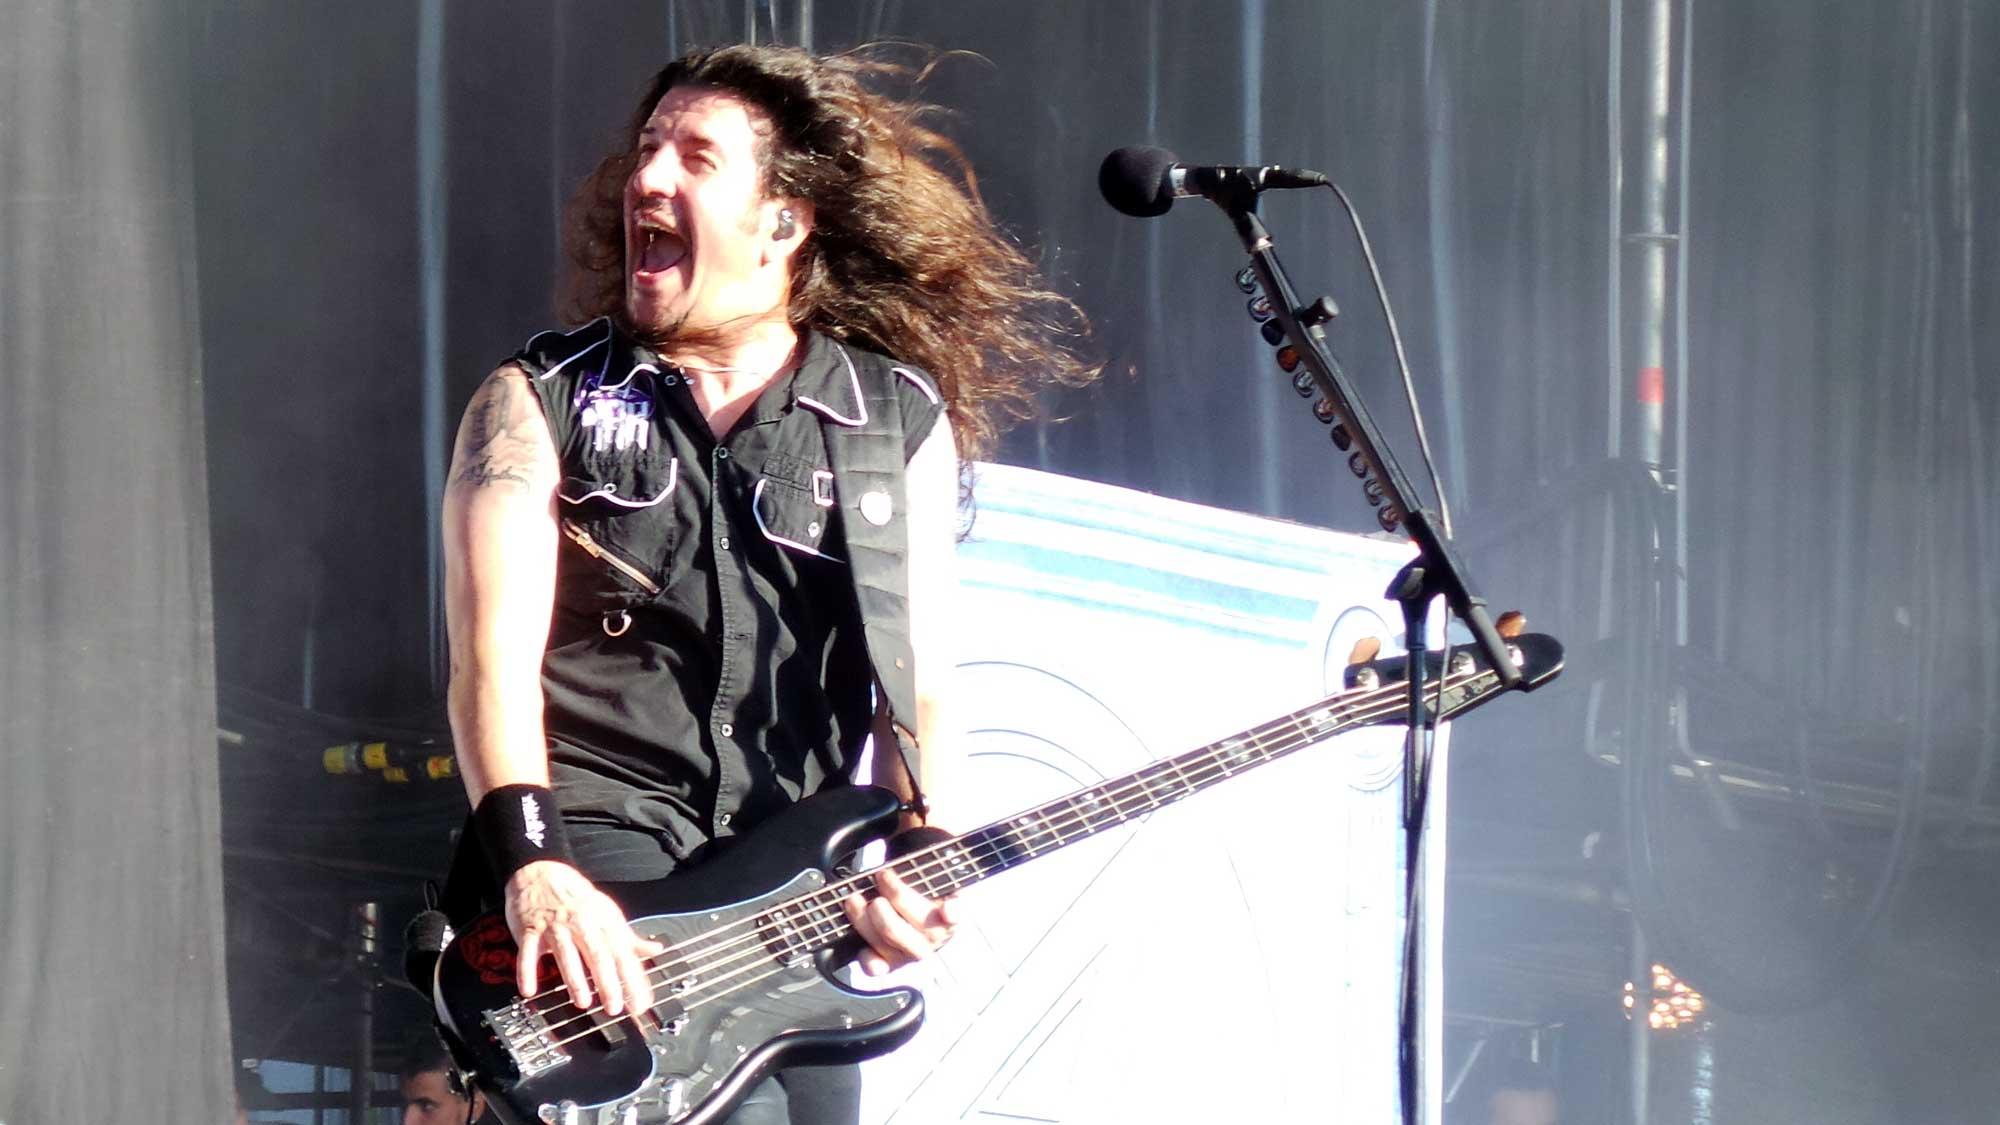 Frank Bello, guitarrista d'Anthrax, actuant al Rock Fest 2016 de Santa Coloma de Gramenet.